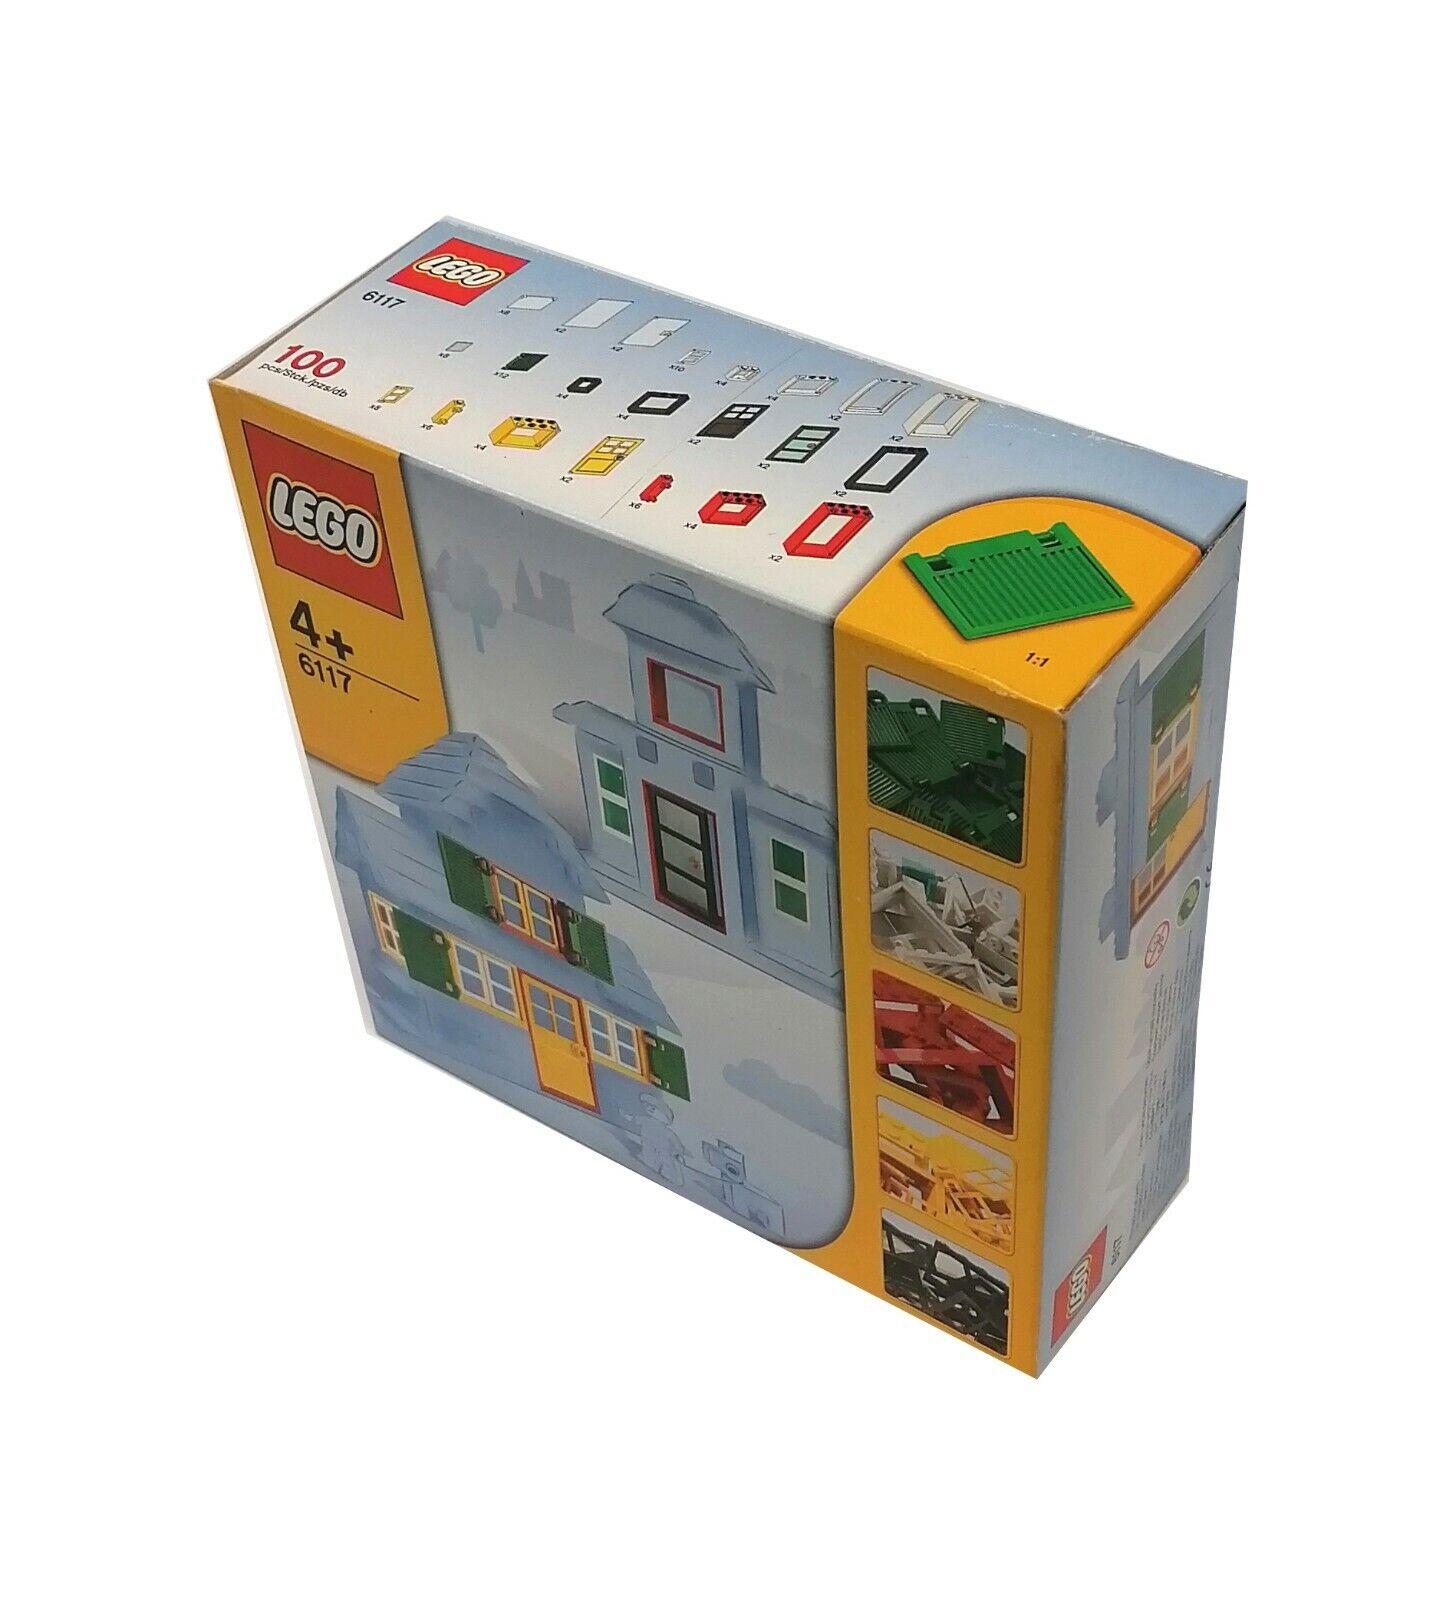 LEGO Steine & Co 6117 - Türen und Window -  NEU & OVP